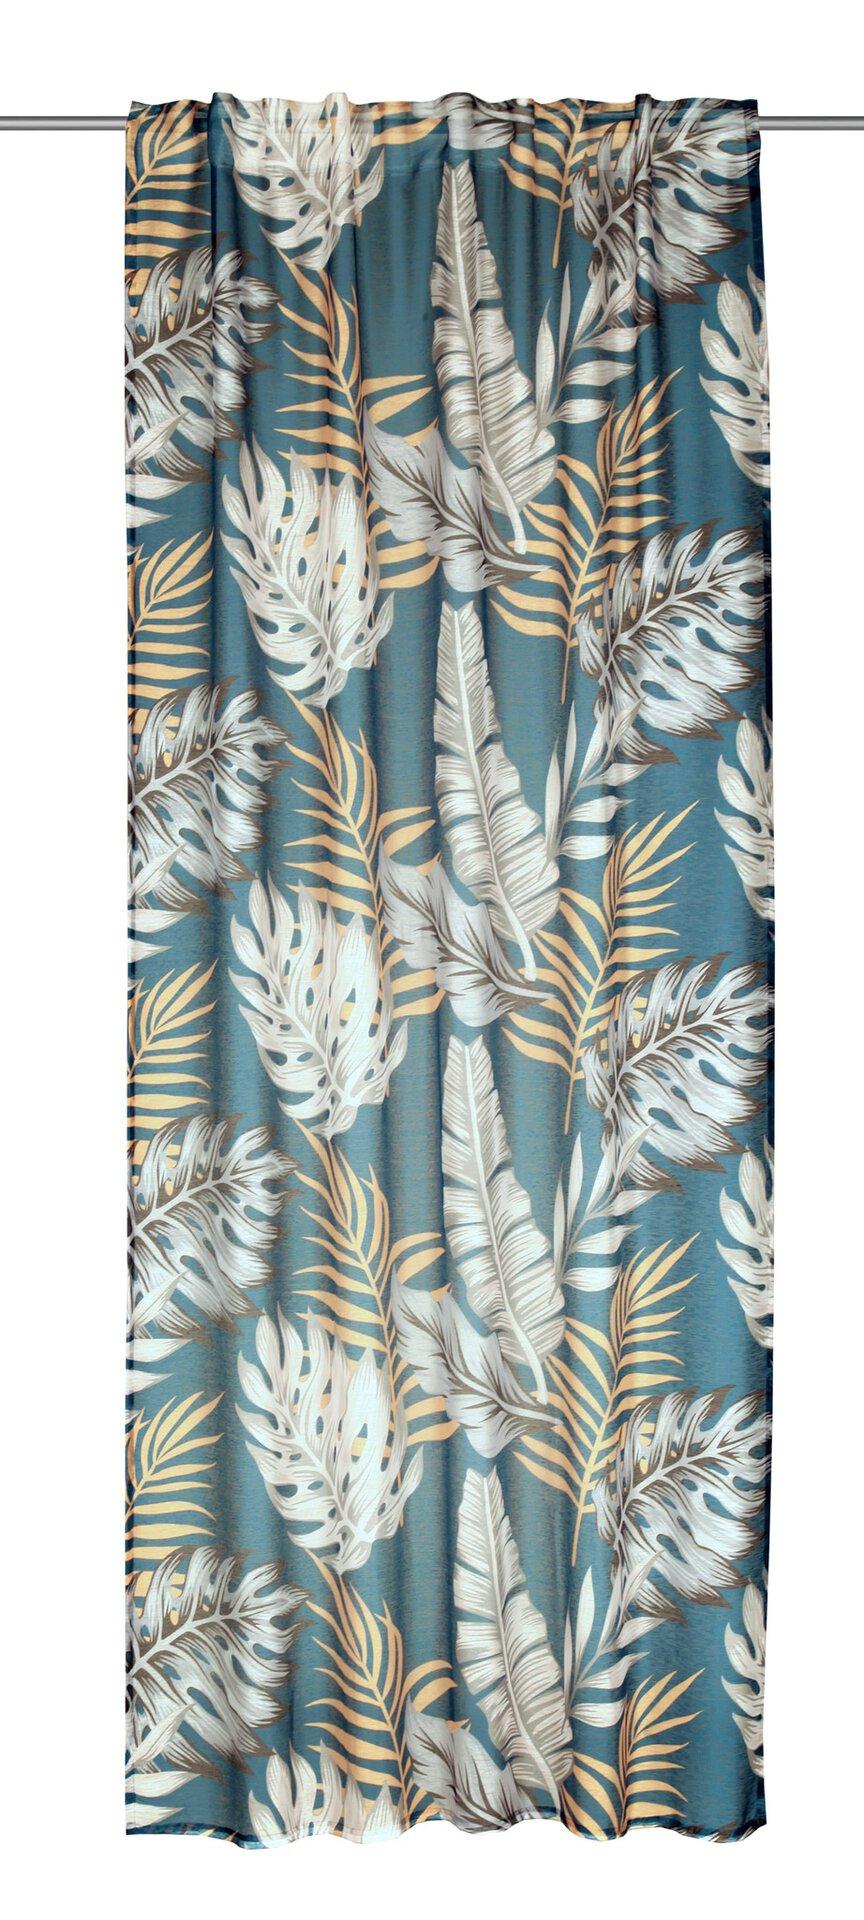 Schlaufenschal Monstera Albani Textil Blau 1 x 2 cm